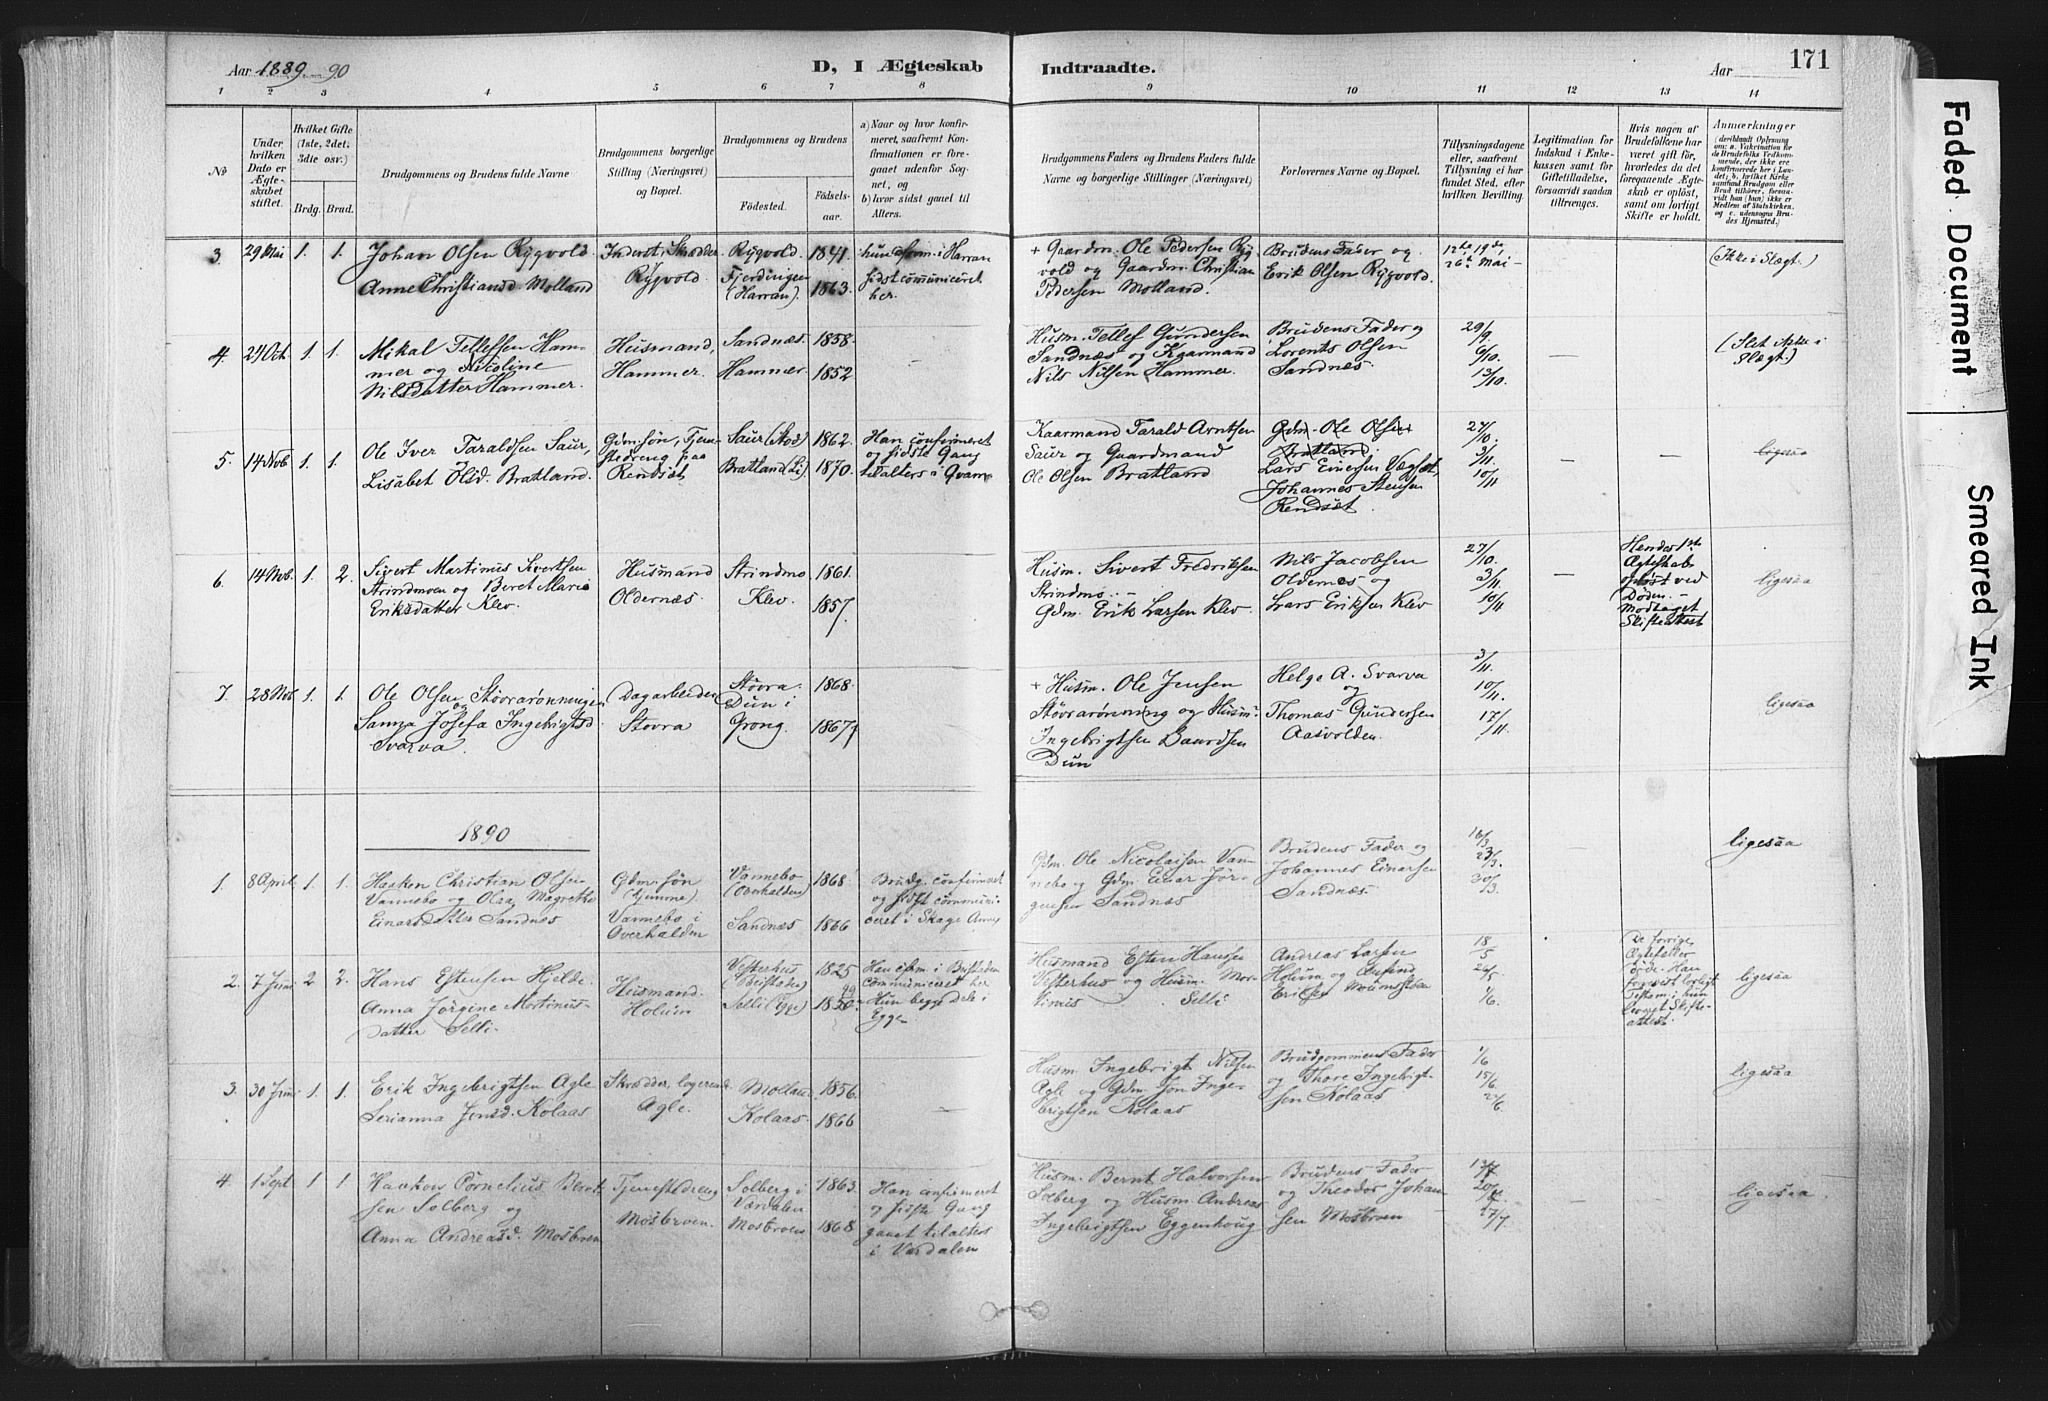 SAT, Ministerialprotokoller, klokkerbøker og fødselsregistre - Nord-Trøndelag, 749/L0474: Ministerialbok nr. 749A08, 1887-1903, s. 171